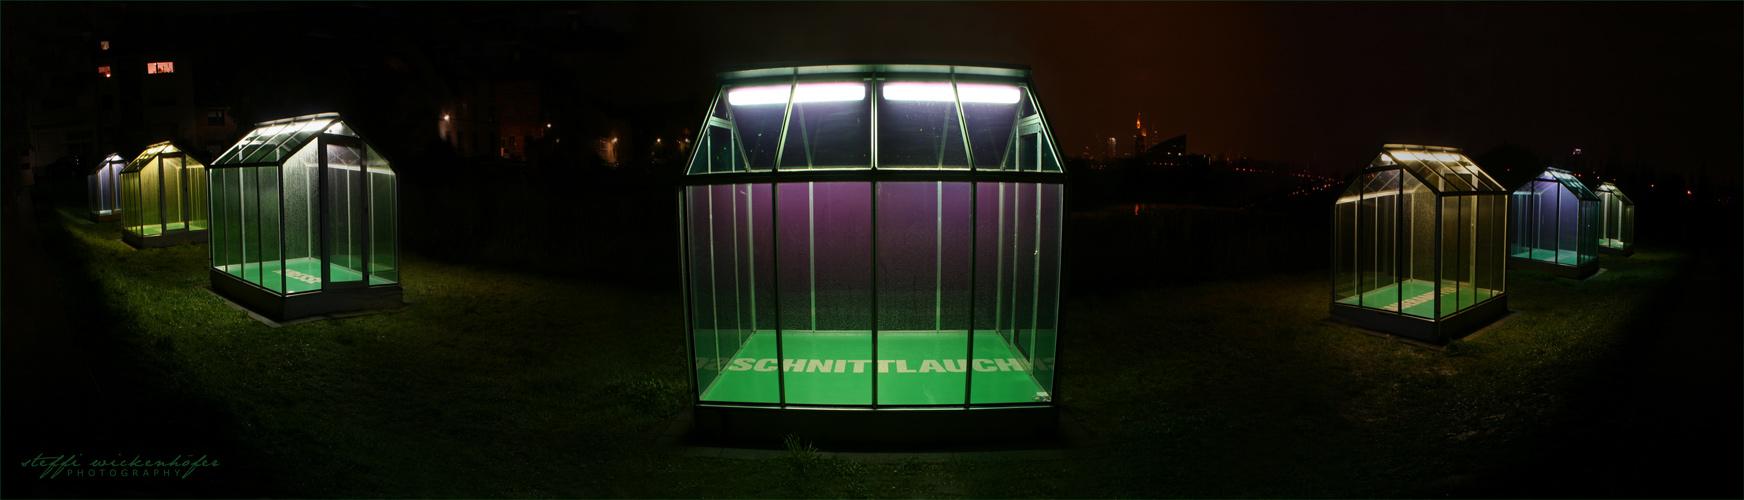 .Luminale08_Grüne Soße im Regen.